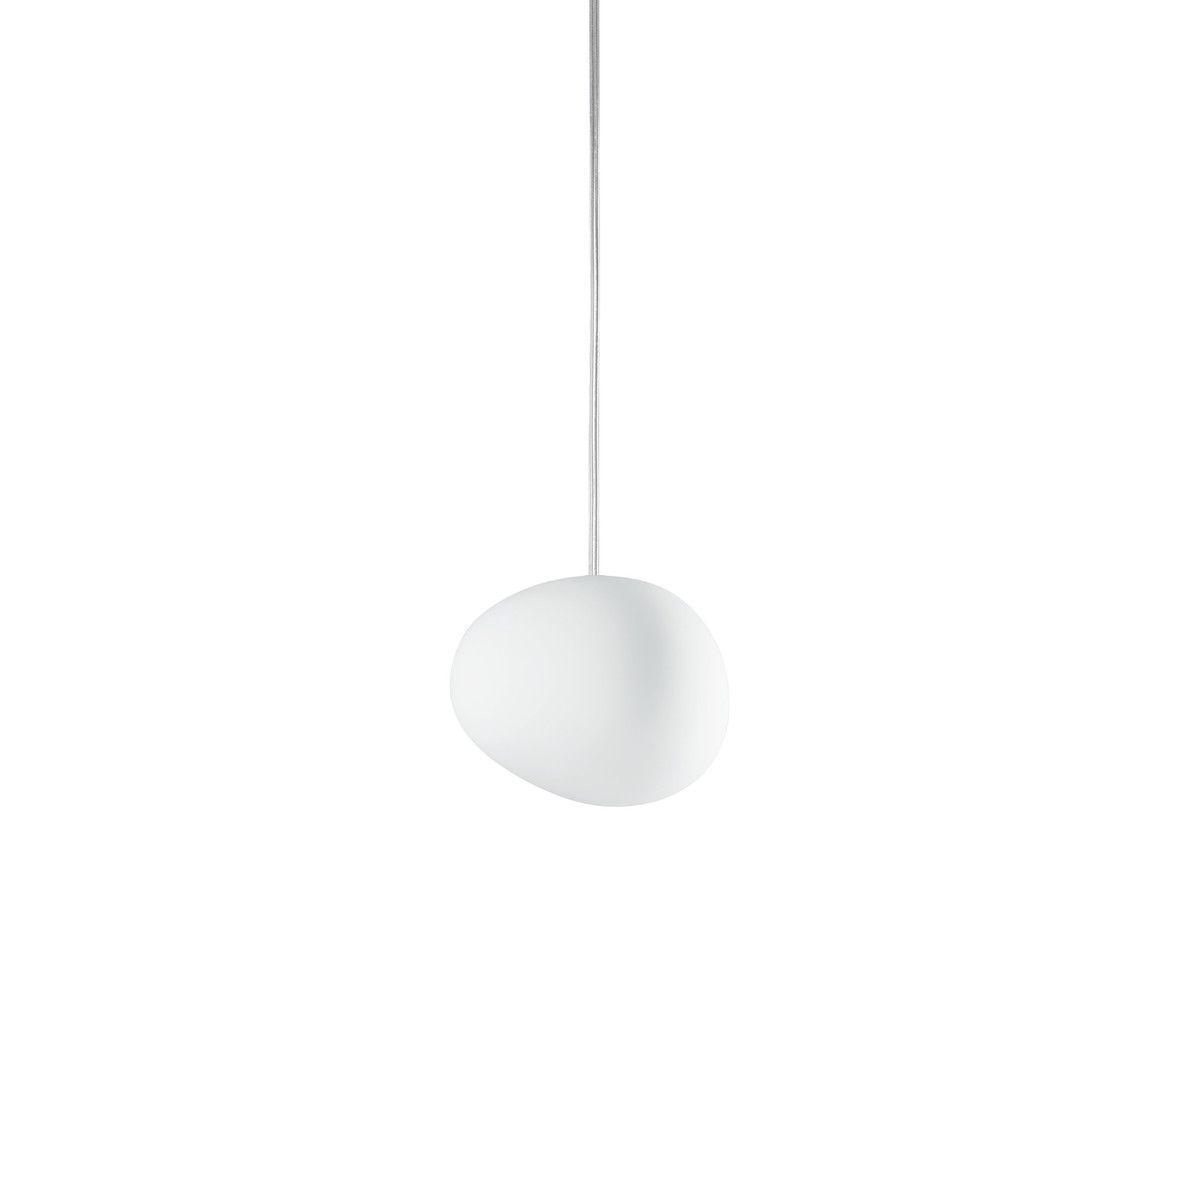 Lustra Luminaire